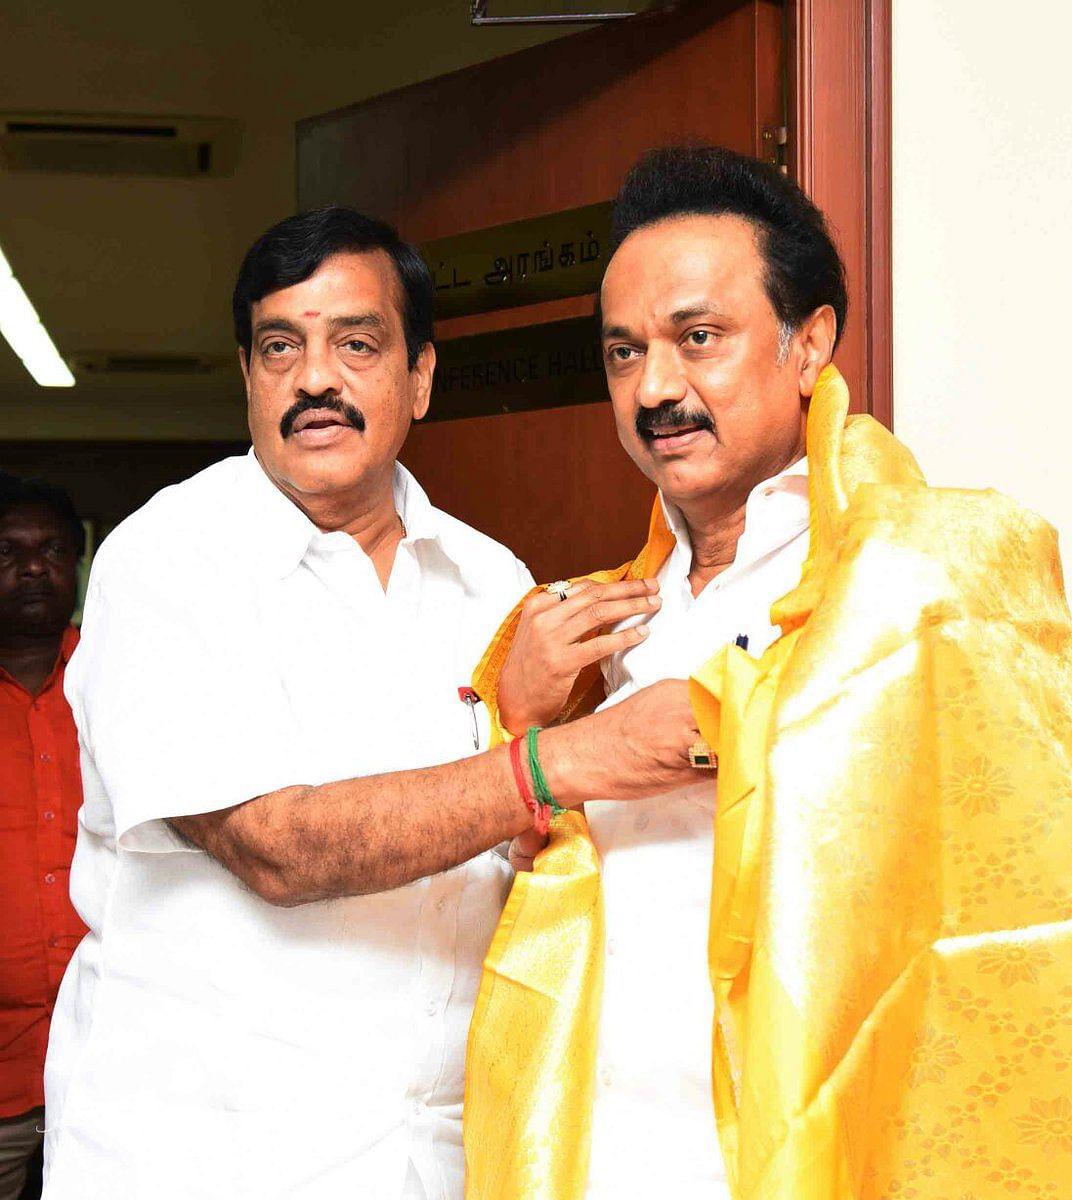 ஸ்டாலினுடன் எம்.கே.மோகன்